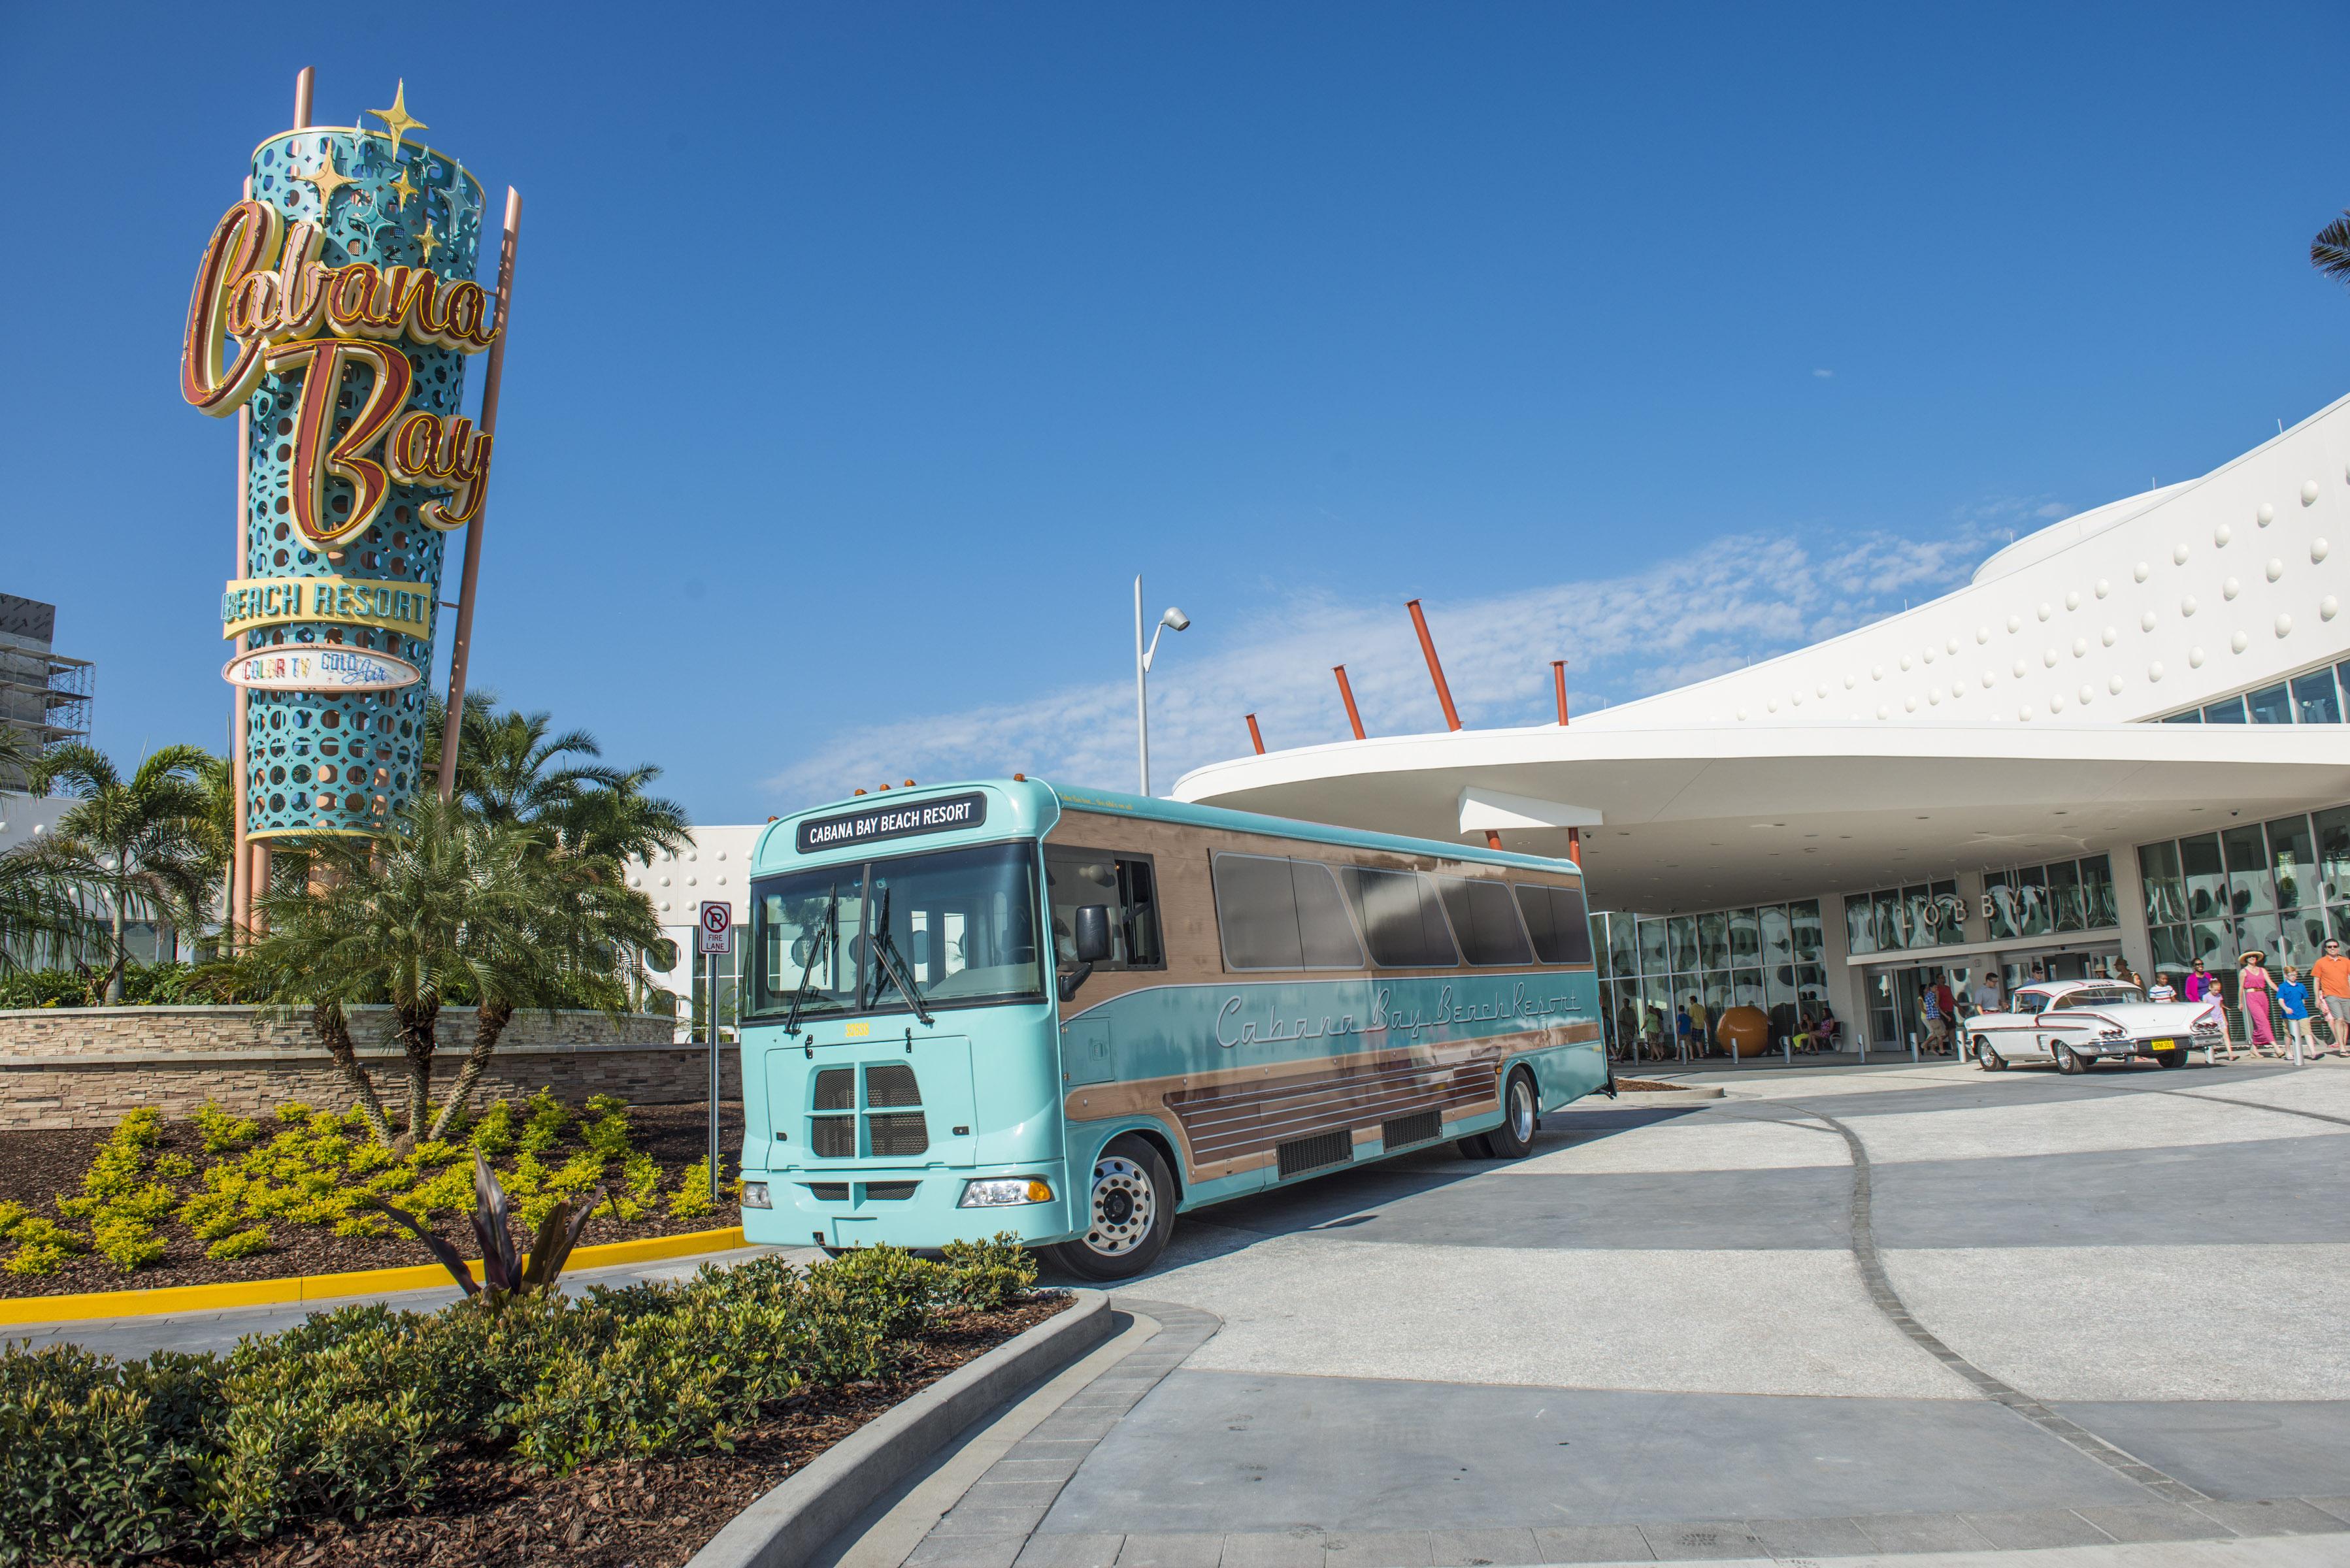 Universal Orlando Cabana Bay Beach Resort